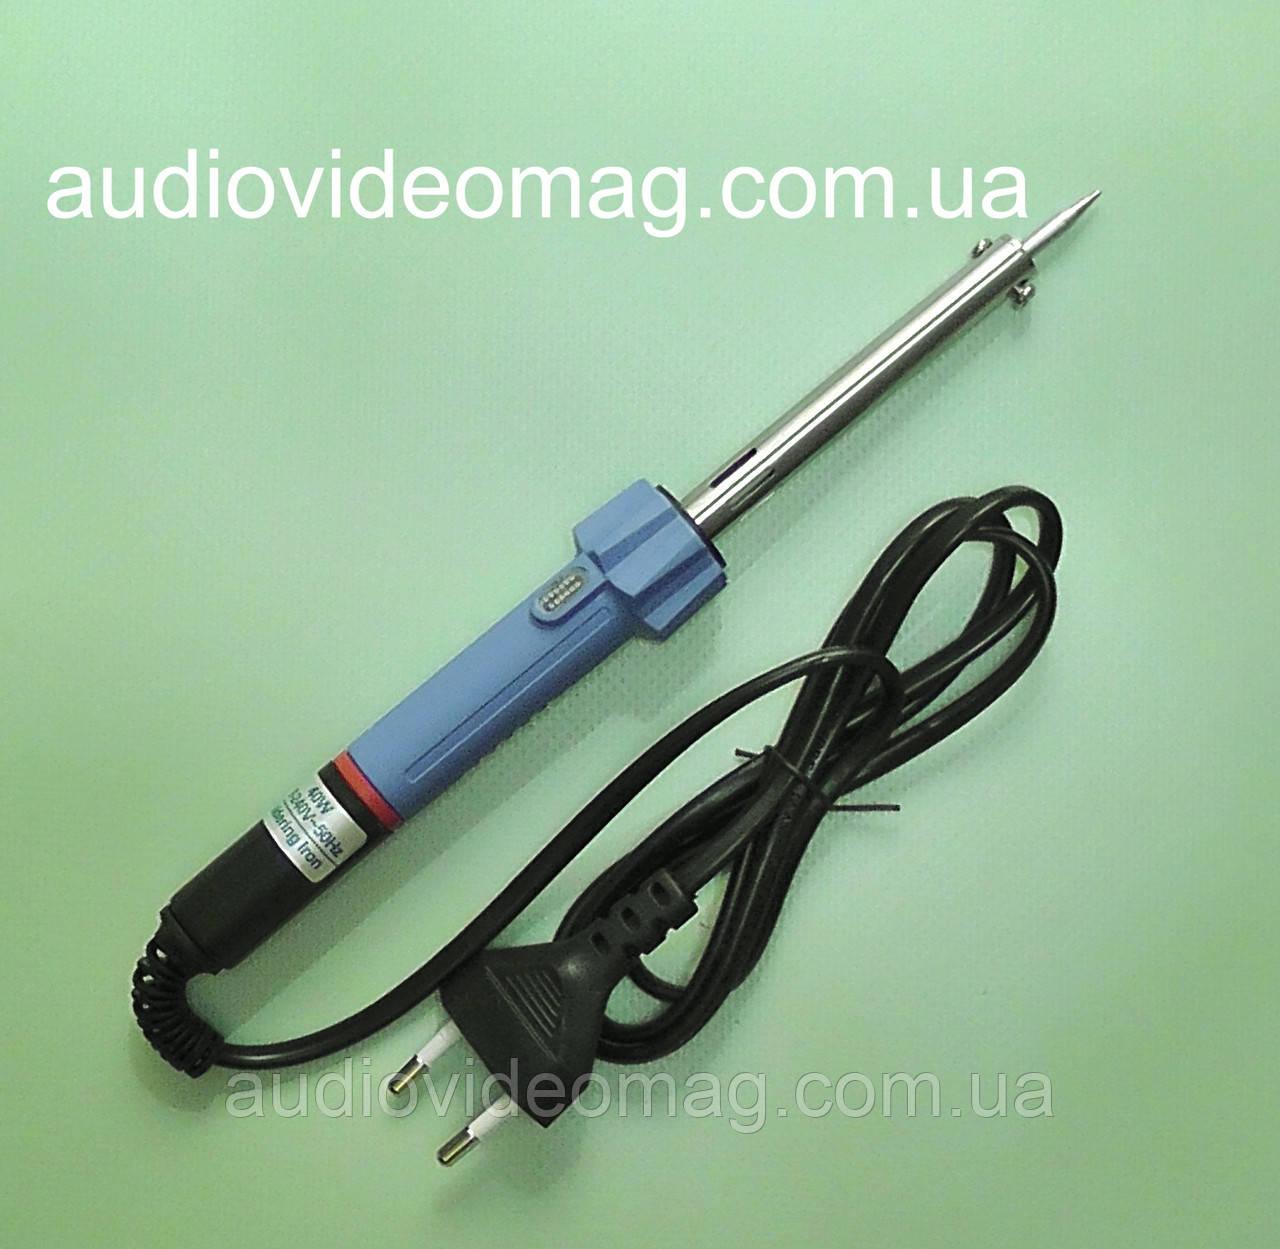 Паяльник 220B 40 Ватт с нихромовым нагревателем и индикатором работы